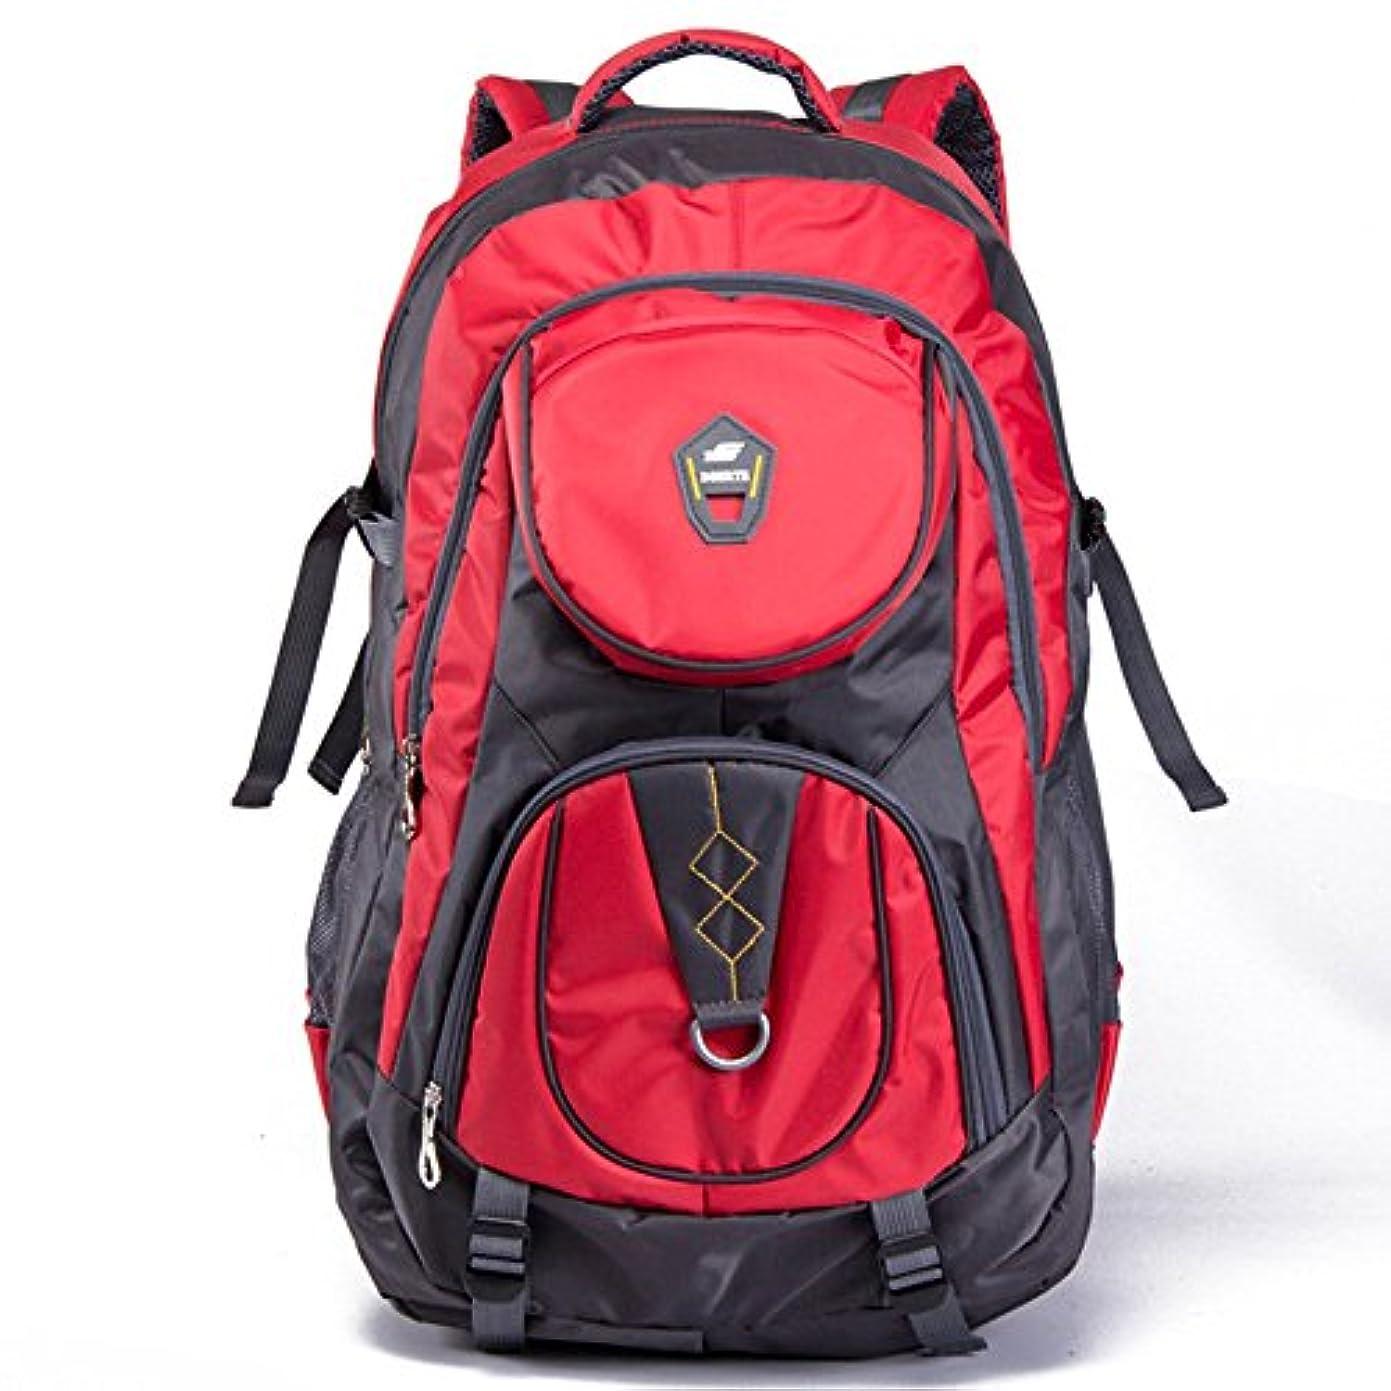 賛辞恐ろしいですジャニスユニセックス 登山バックパック 大容量 多機能 防水 ハイキング 野生のキャンプ レジャースポーツ ニュートラルショルダー 屋外での使用に適しています 軽量野外活動バッグ (色 : 赤)